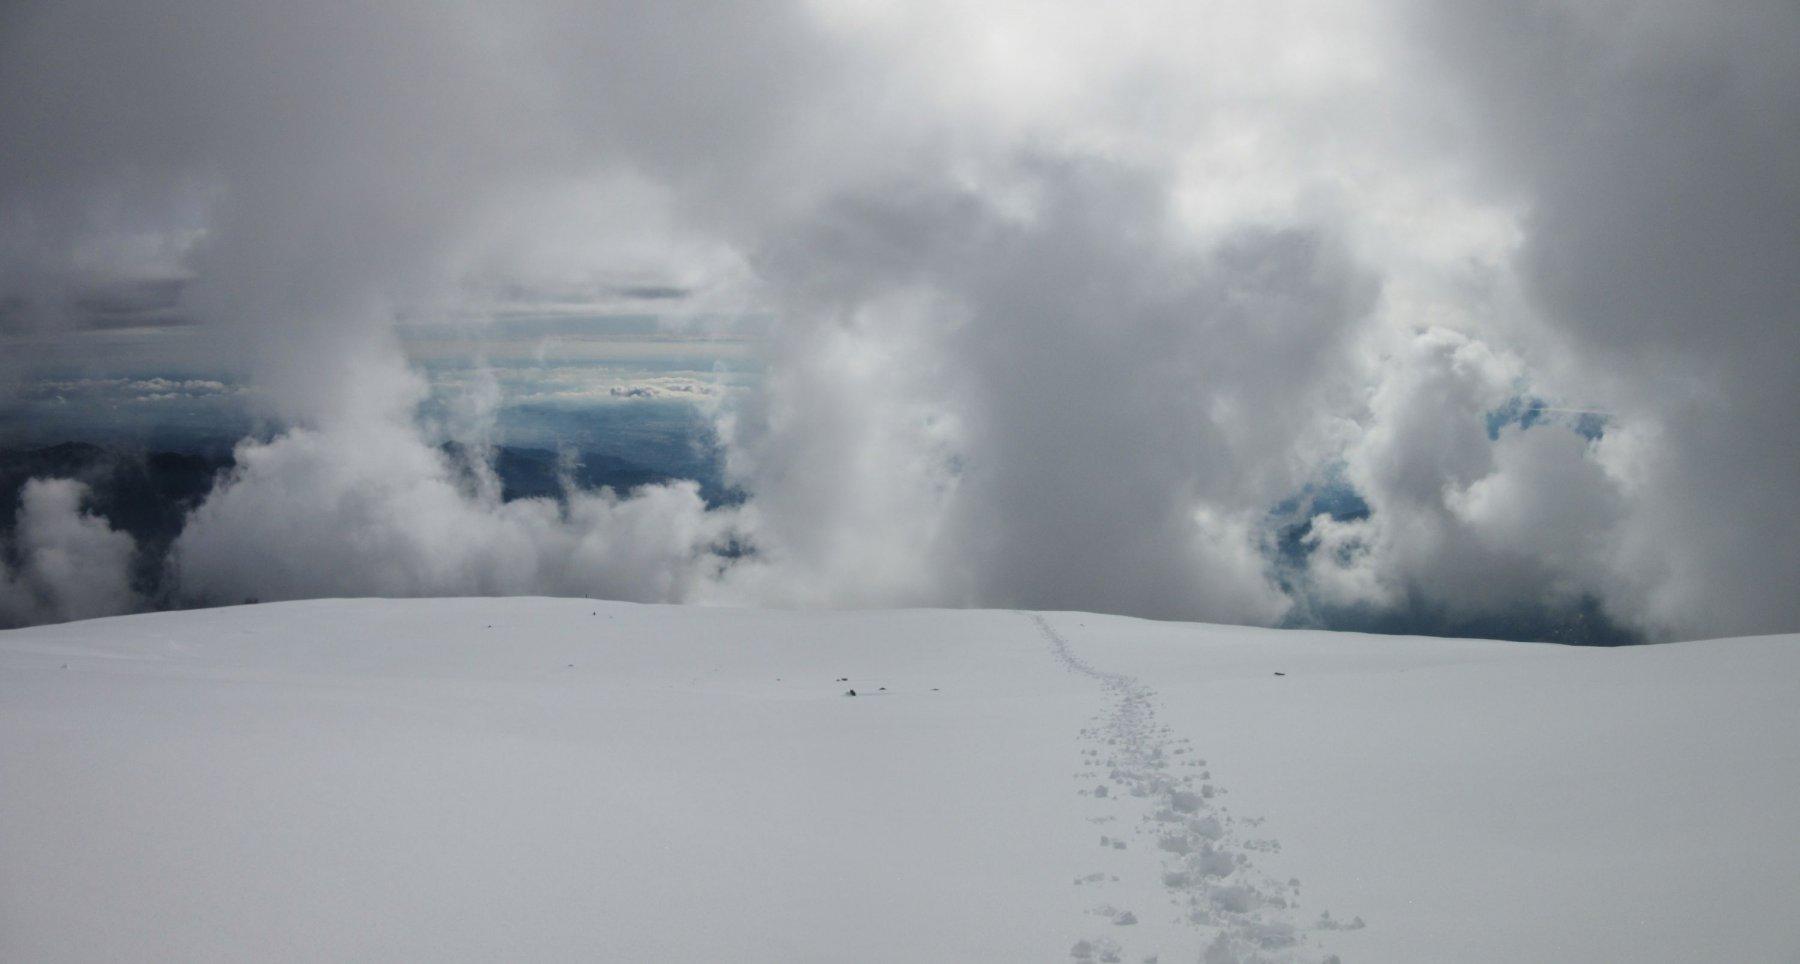 La mia traccia su neve intonsa